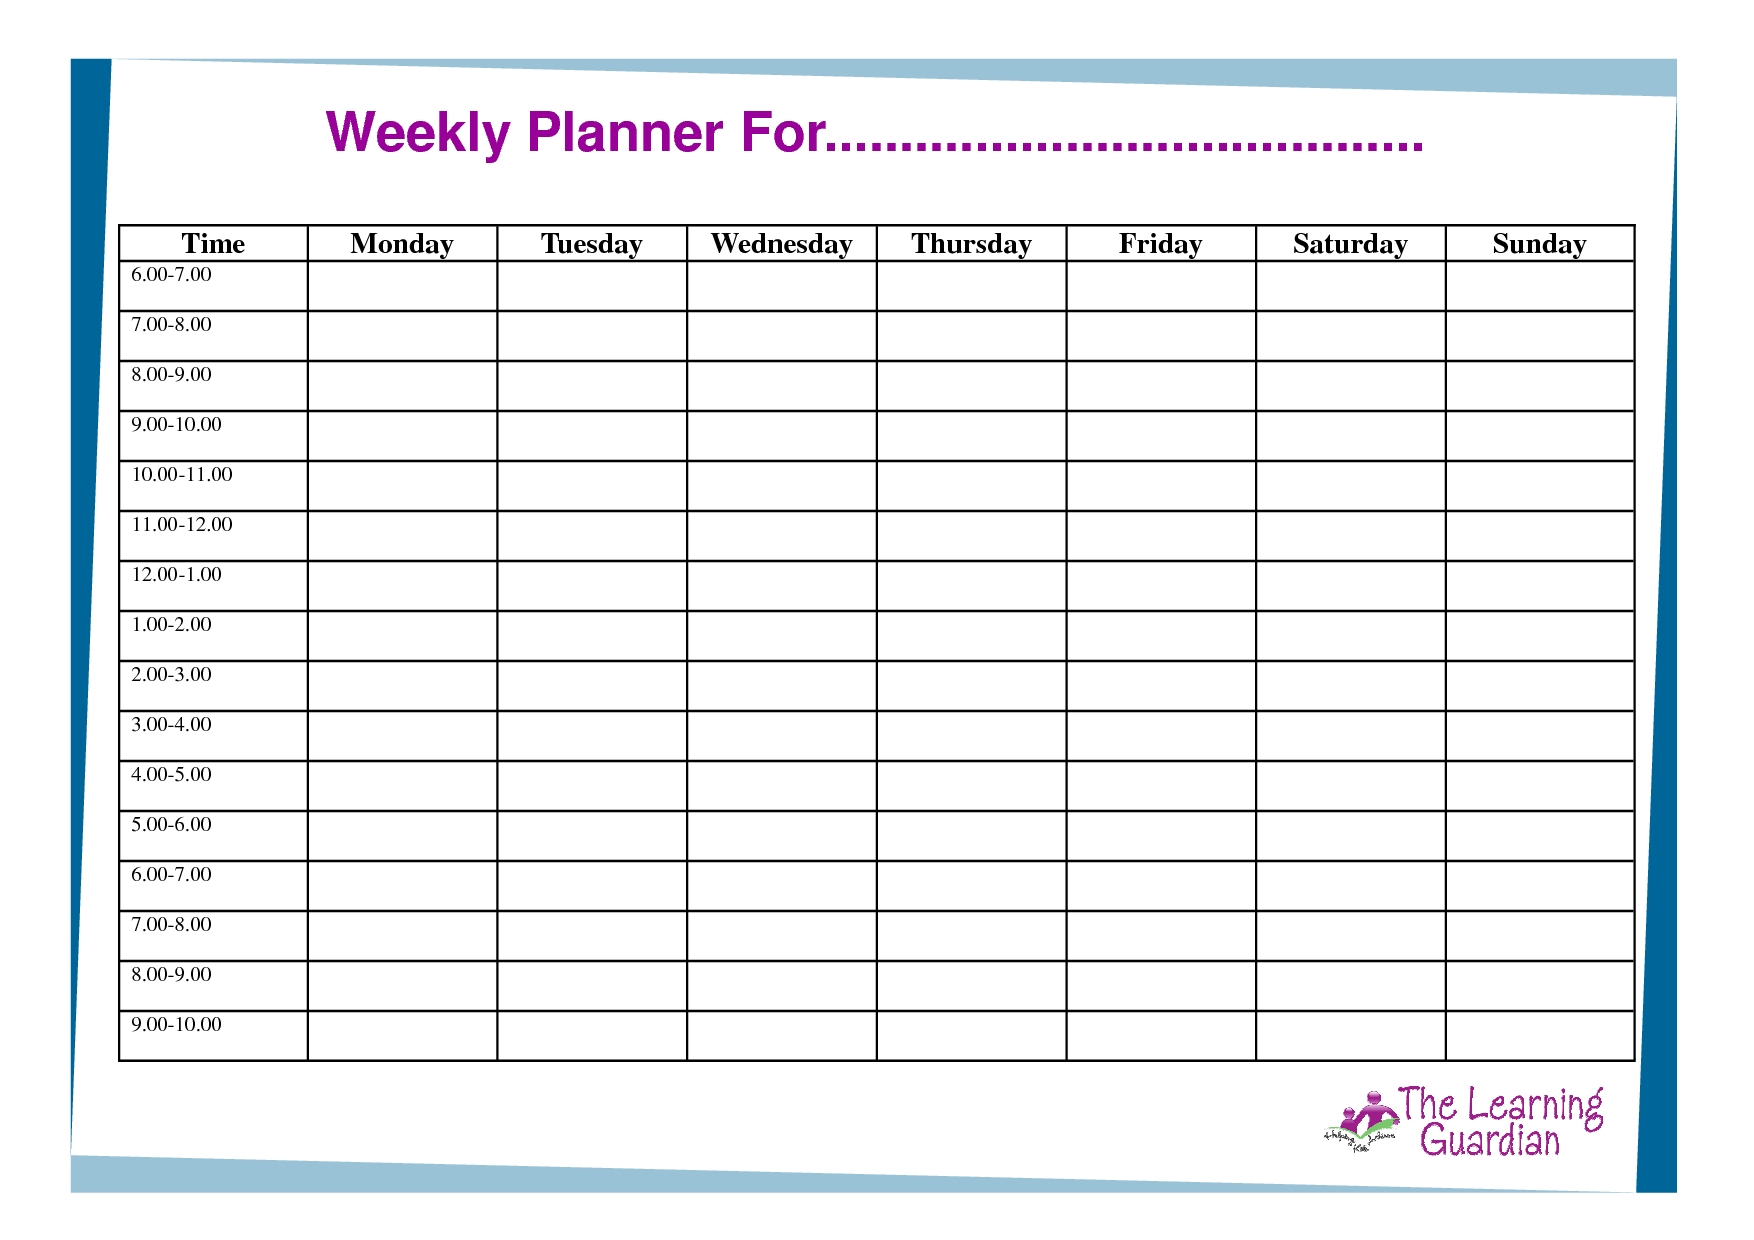 Printable Time Schedule Free Weekly Calendar Templates Planner For for Free Weekly Calendar Templates Printable